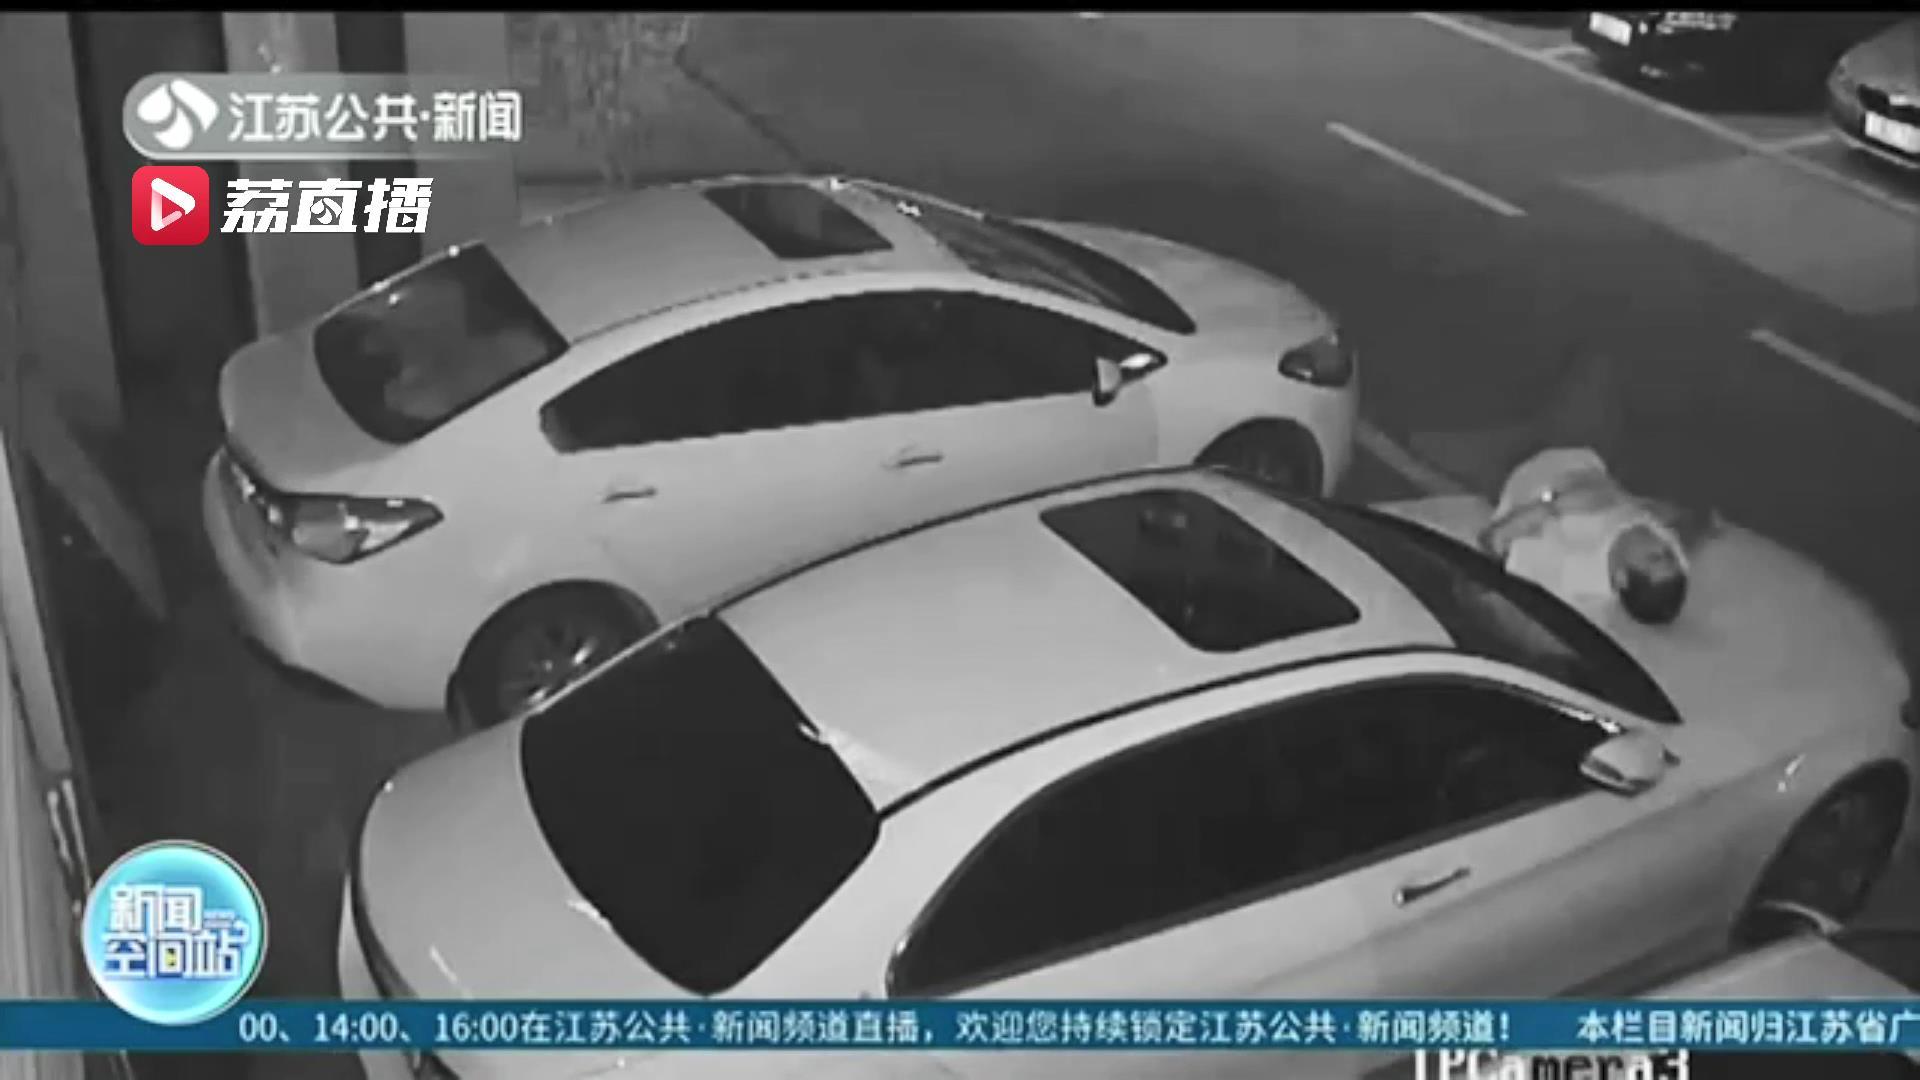 醉酒男子误将车当成床还躺着睡了一觉 结果:引擎盖被压扁了